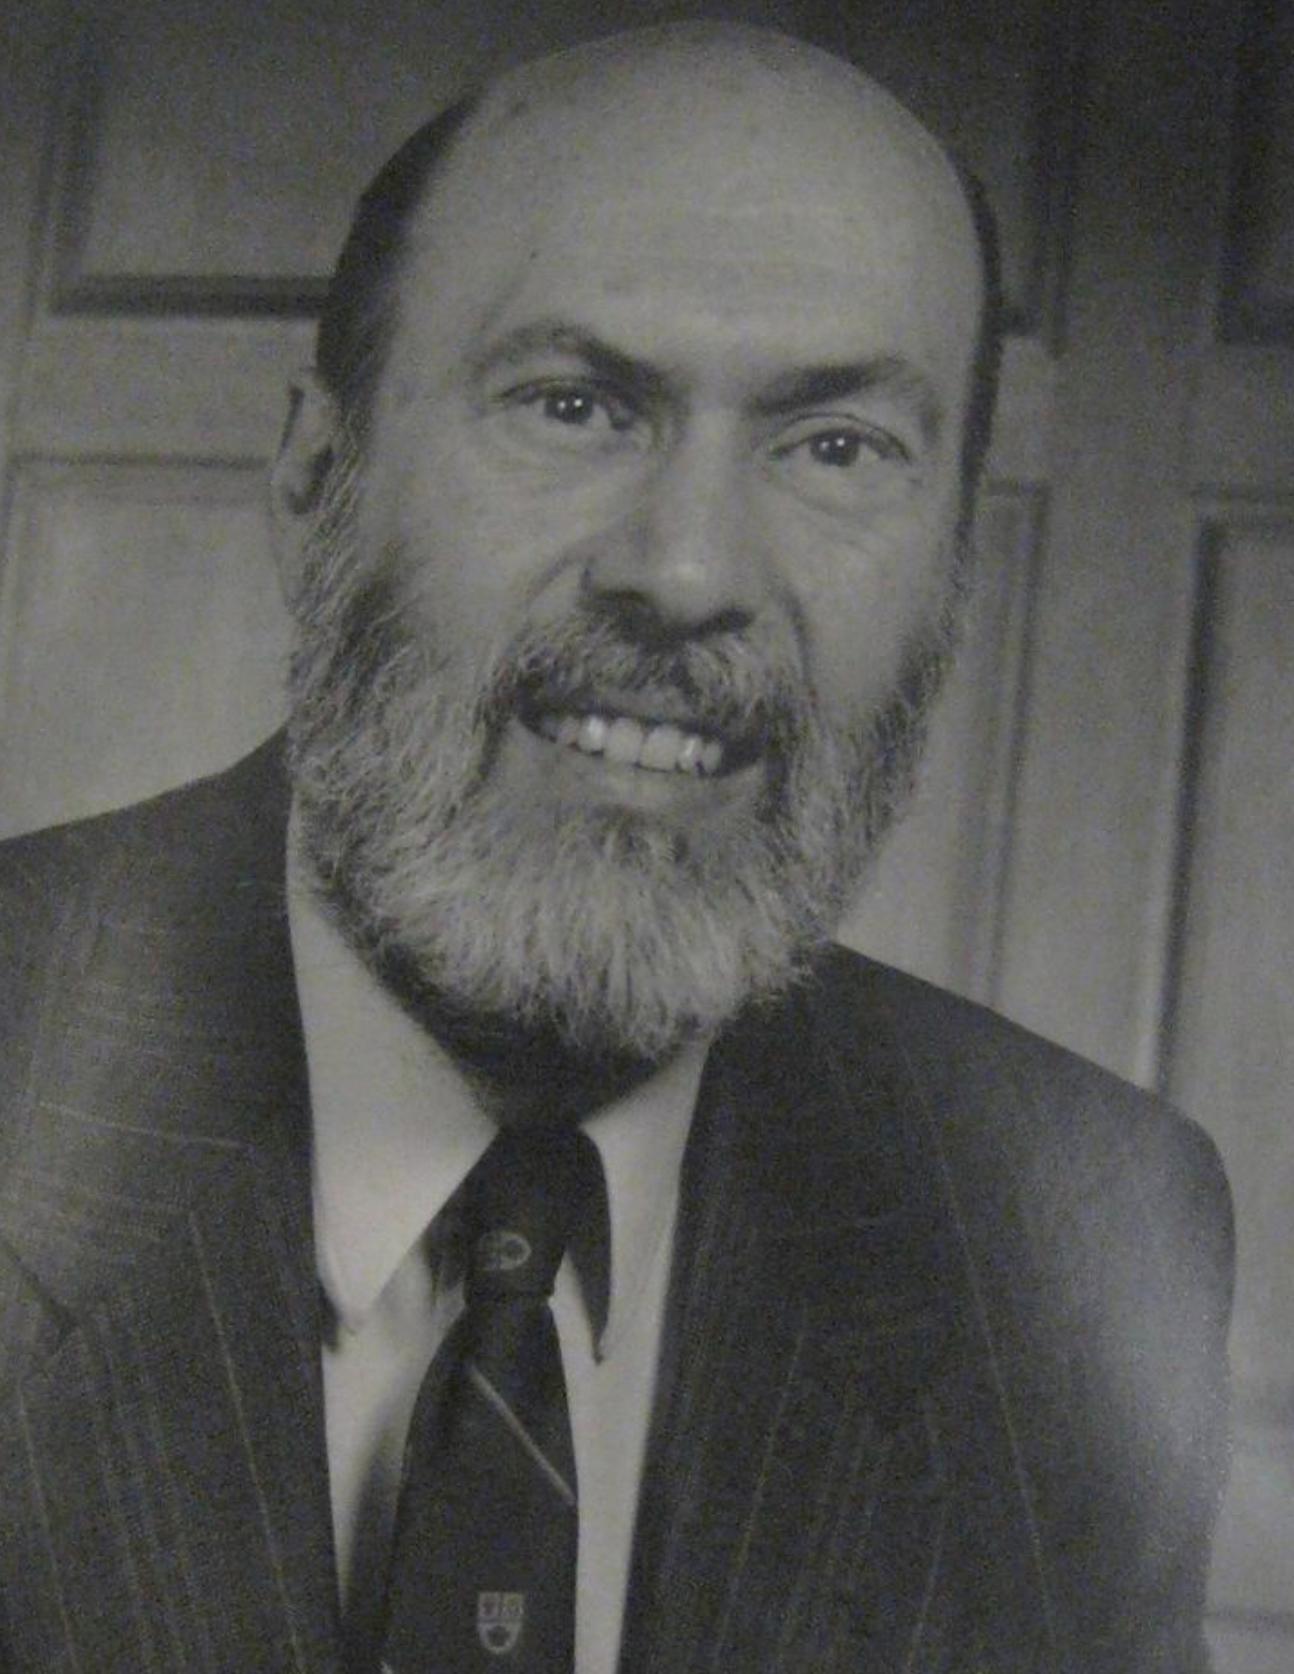 Kisilevsky<br>1986-1991